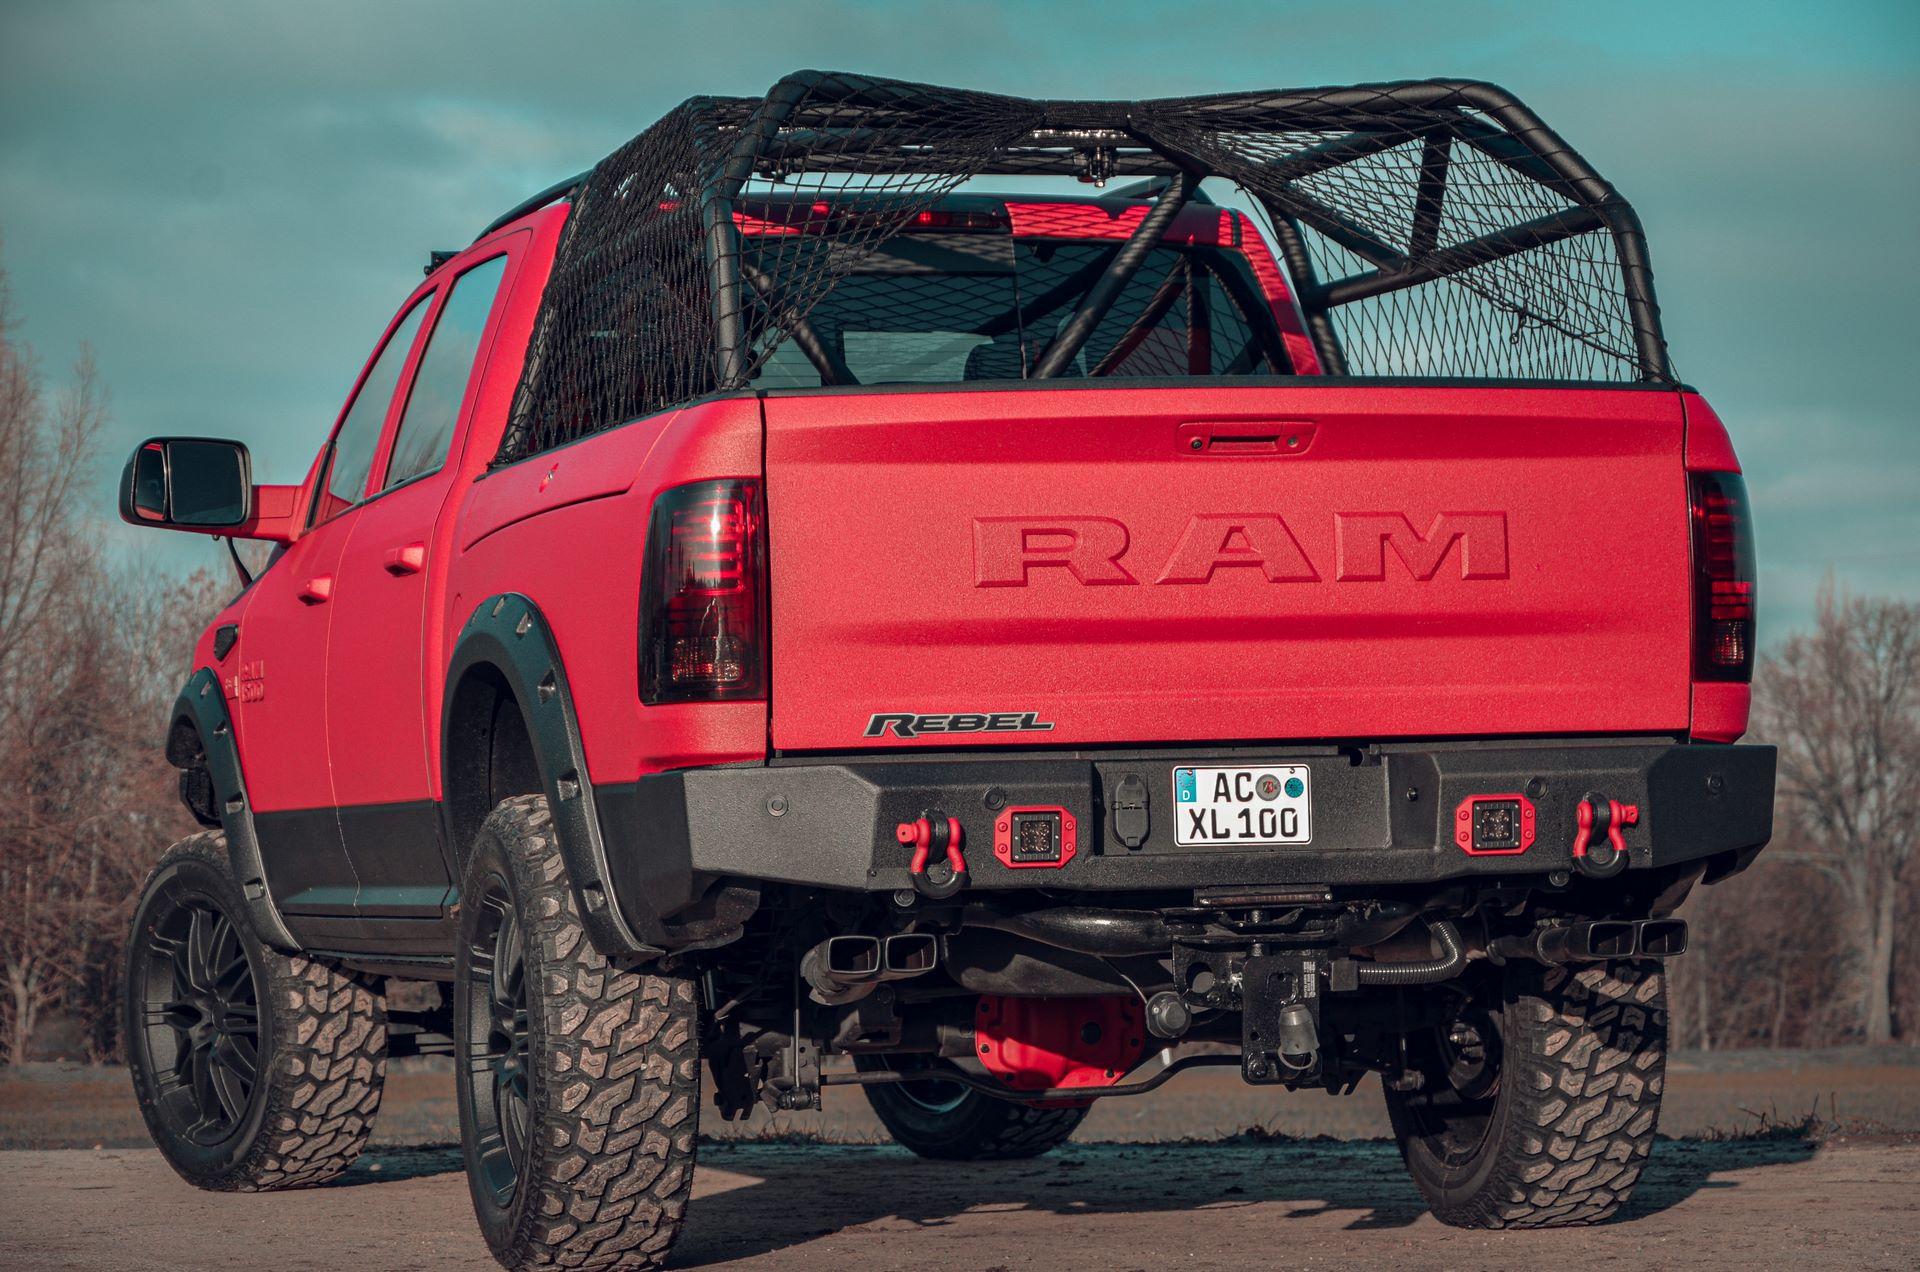 Ram-1500-by-JB-Car-Design-4